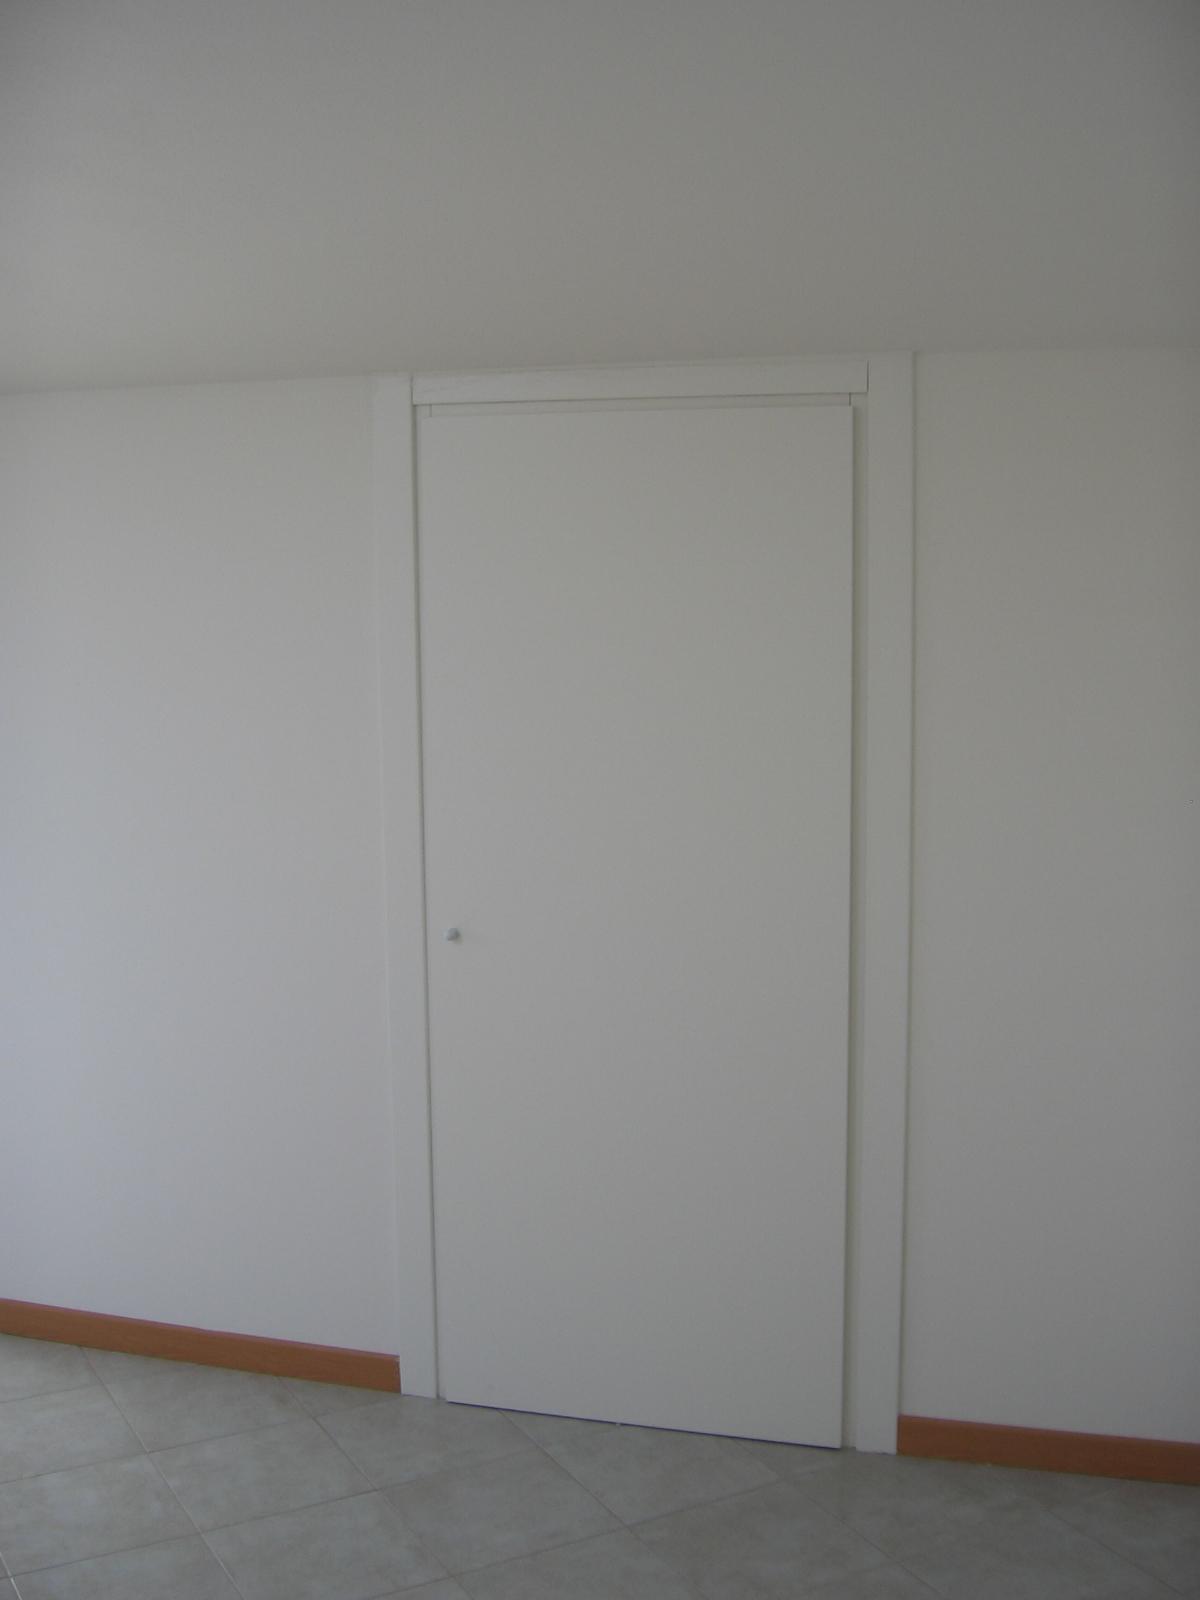 Armadio a muro sottoscala casamia idea di immagine - Ikea armadi a muro ...